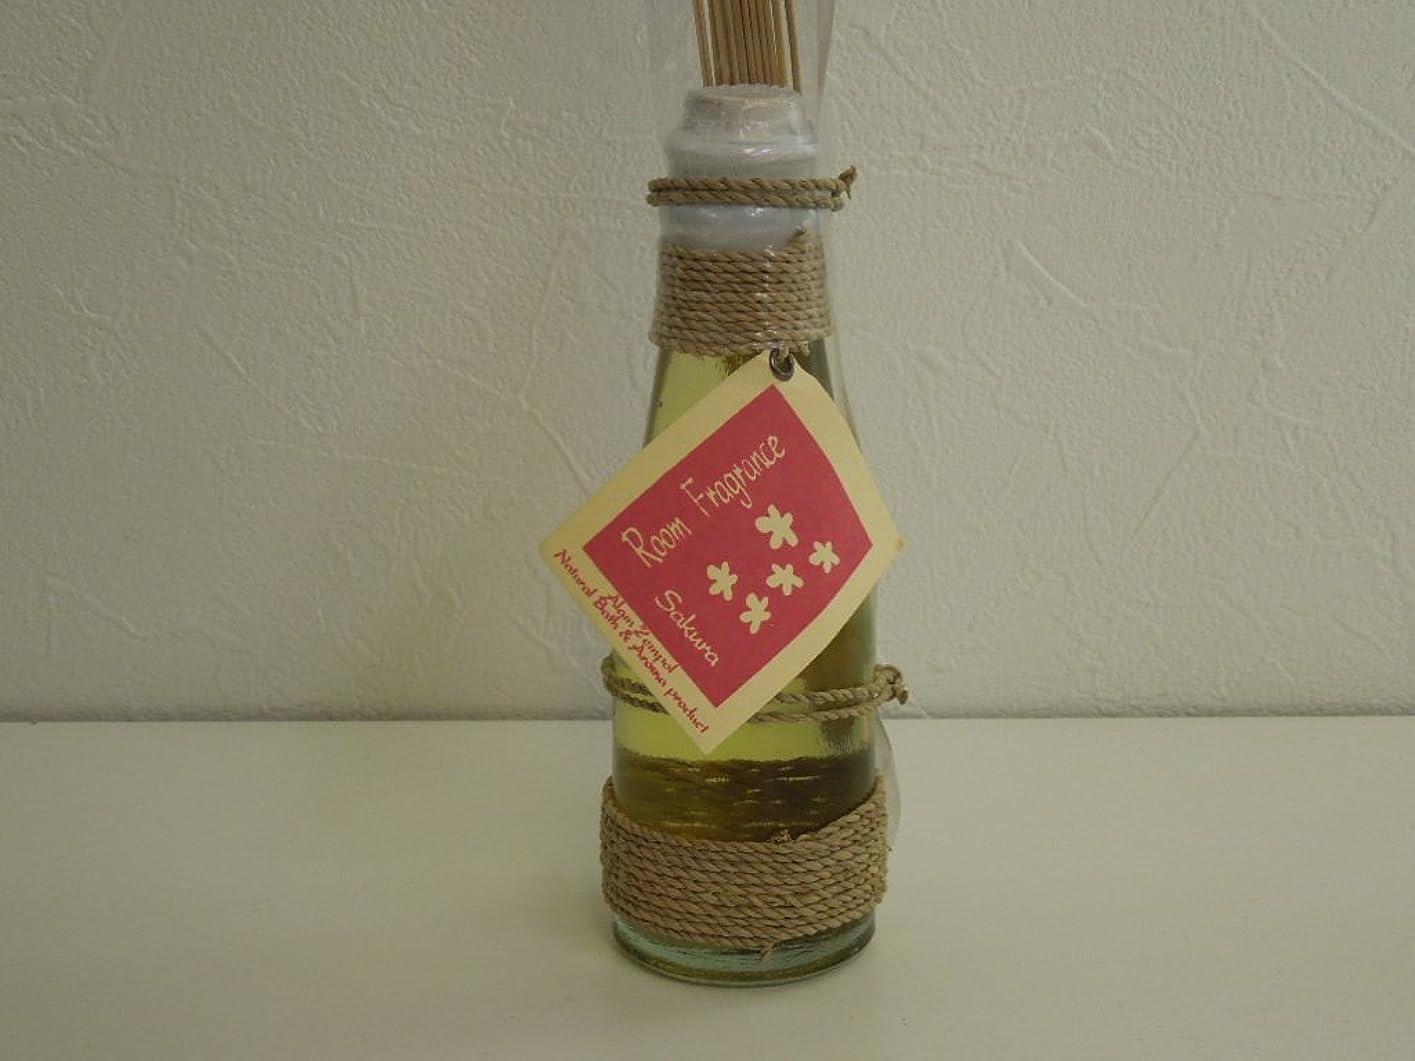 昼食速い新聞ルームフレグランス Sakura さくら